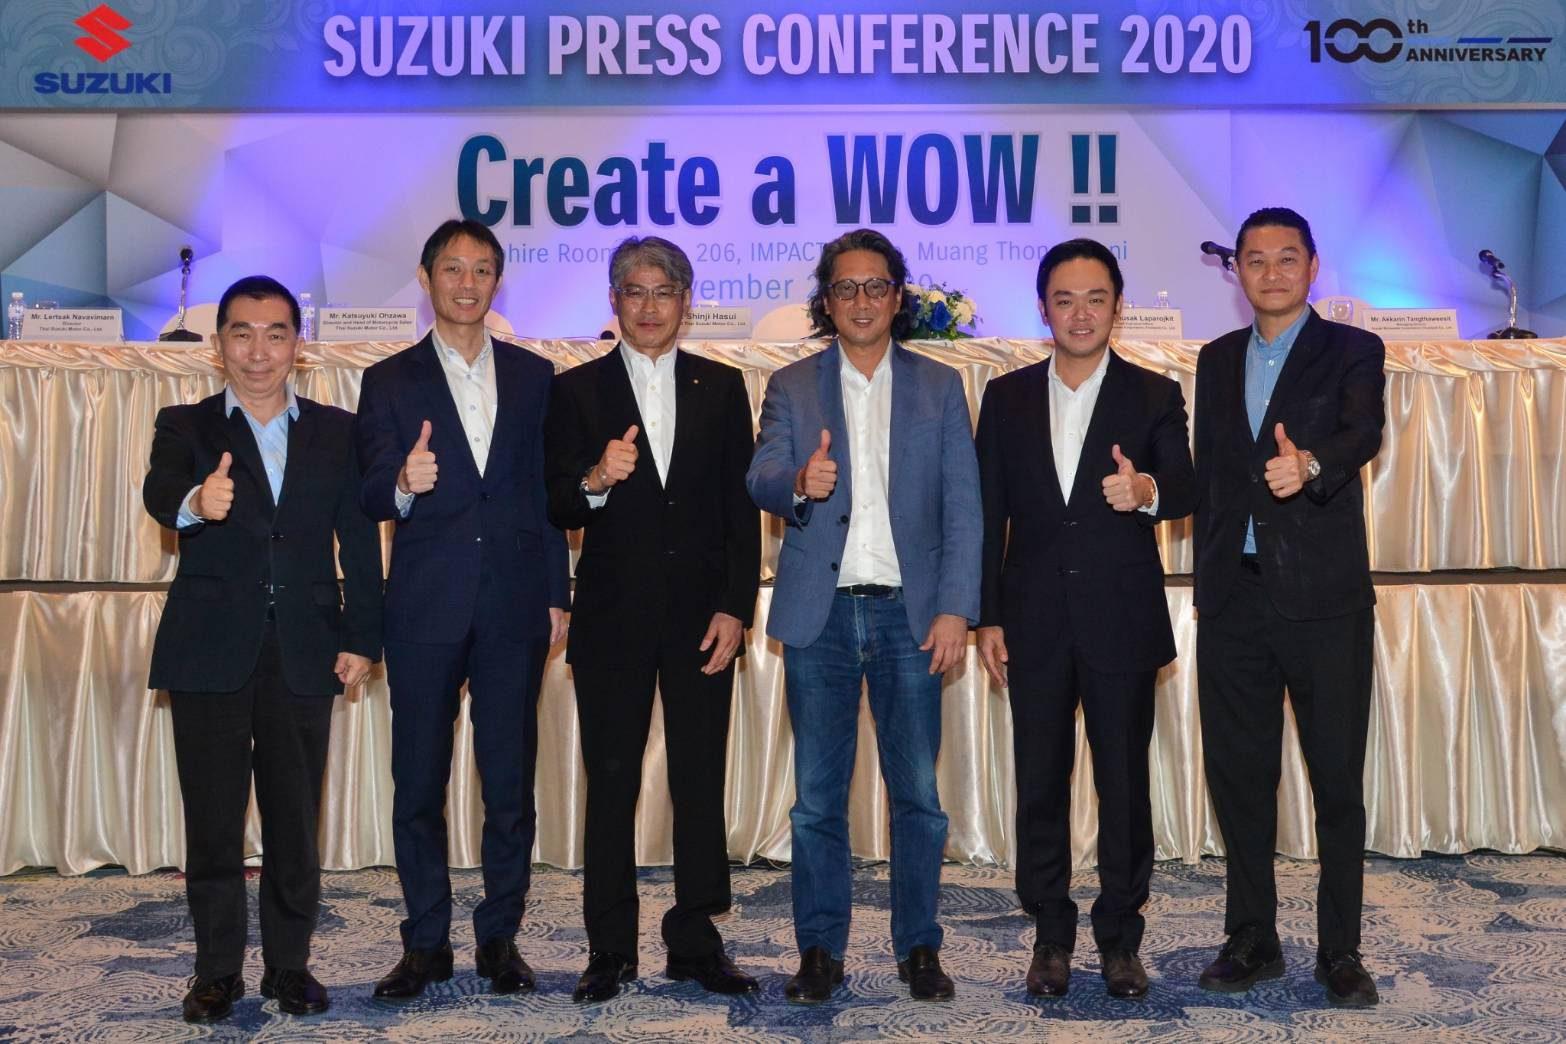 """""""ซูซูกิ"""" ตอกย้ำภาพลักษณ์แบรนด์ที่แข็งแกร่ง ผนึกกำลัง ยกระดับจัดทัพใหม่ ชูแผนกลยุทธ์การบริการหลังการขาย การขาย และการตลาดแนวใหม่ที่แตกต่าง ลุยตลาดรถจักรยานยนต์ในประเทศไทย"""